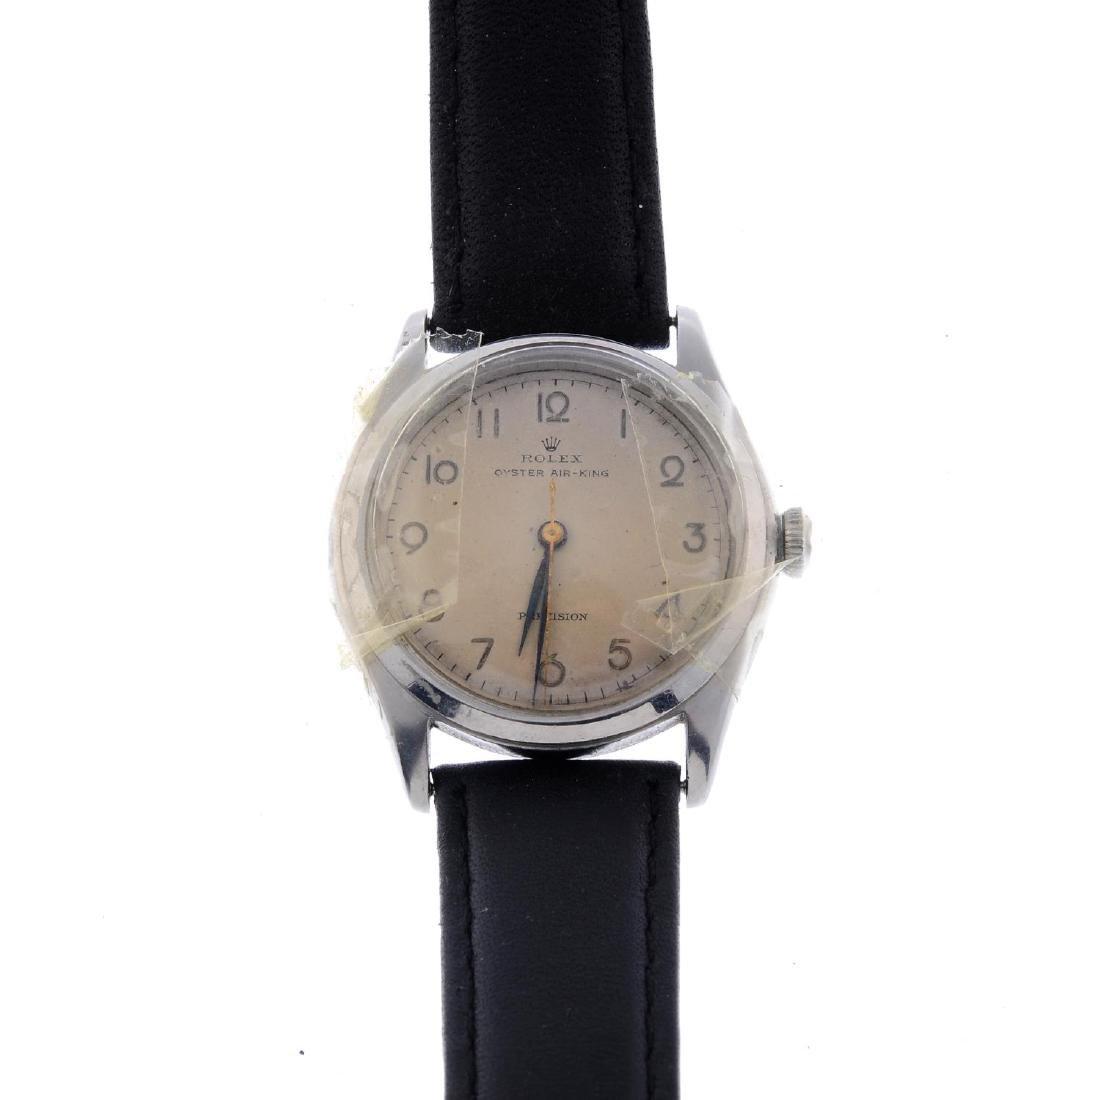 ROLEX - a gentleman's Oyster Air-King bracelet watch.